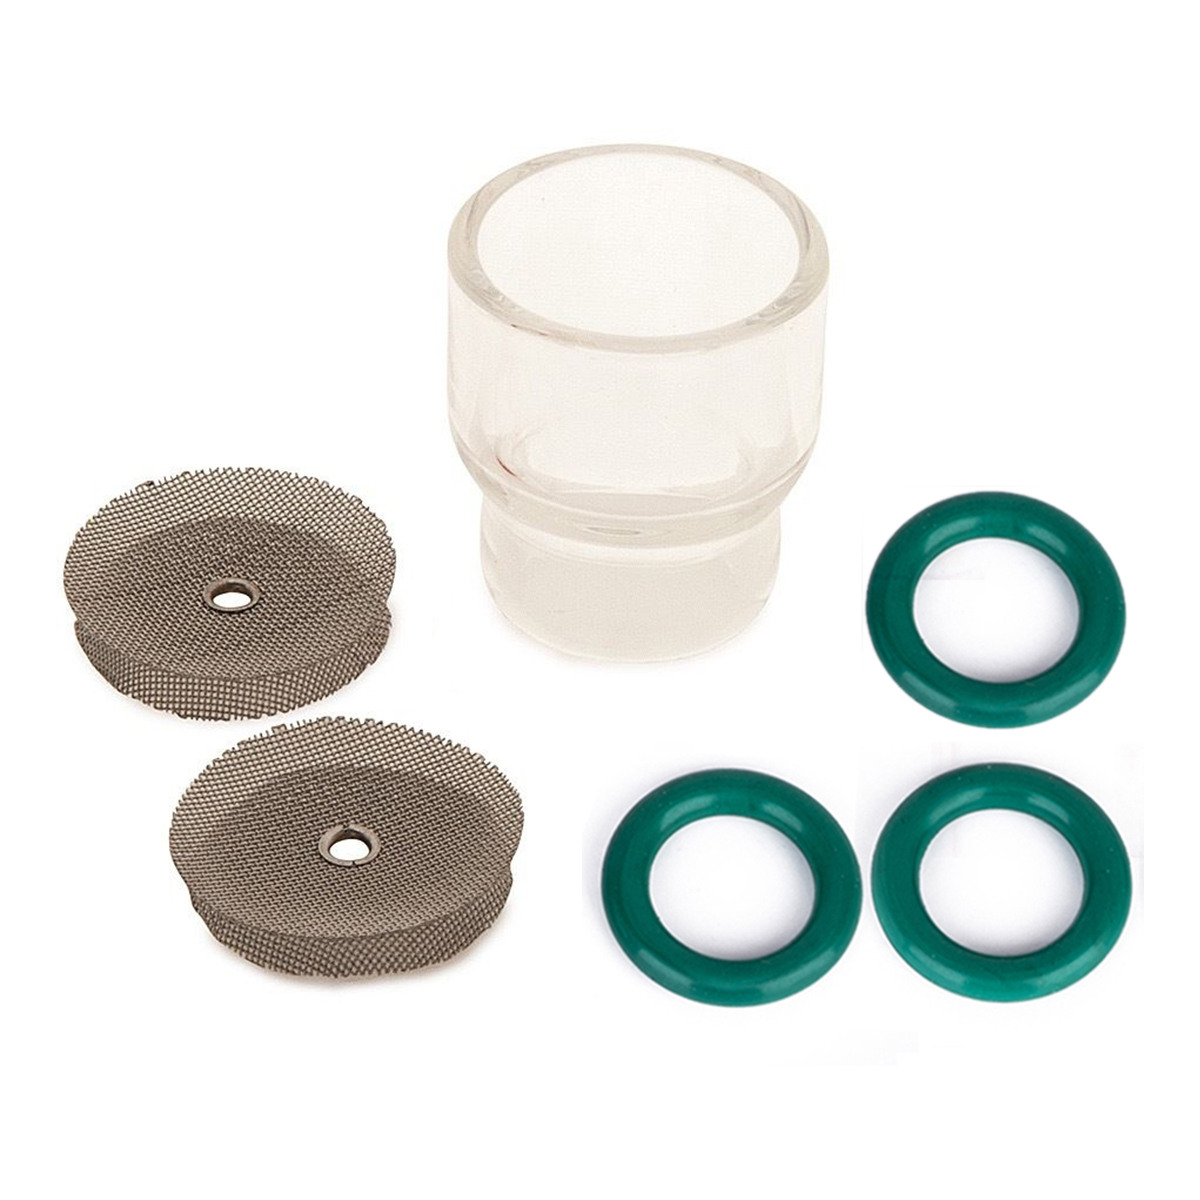 Mayitr Pyrex Tig Schweißen Tasse Kit für Tig fackeln WP-9 & WP-17 Gas Objektiv 1,6mm und 2,4mm #12 größe Tasse mit Edelstahl Filter